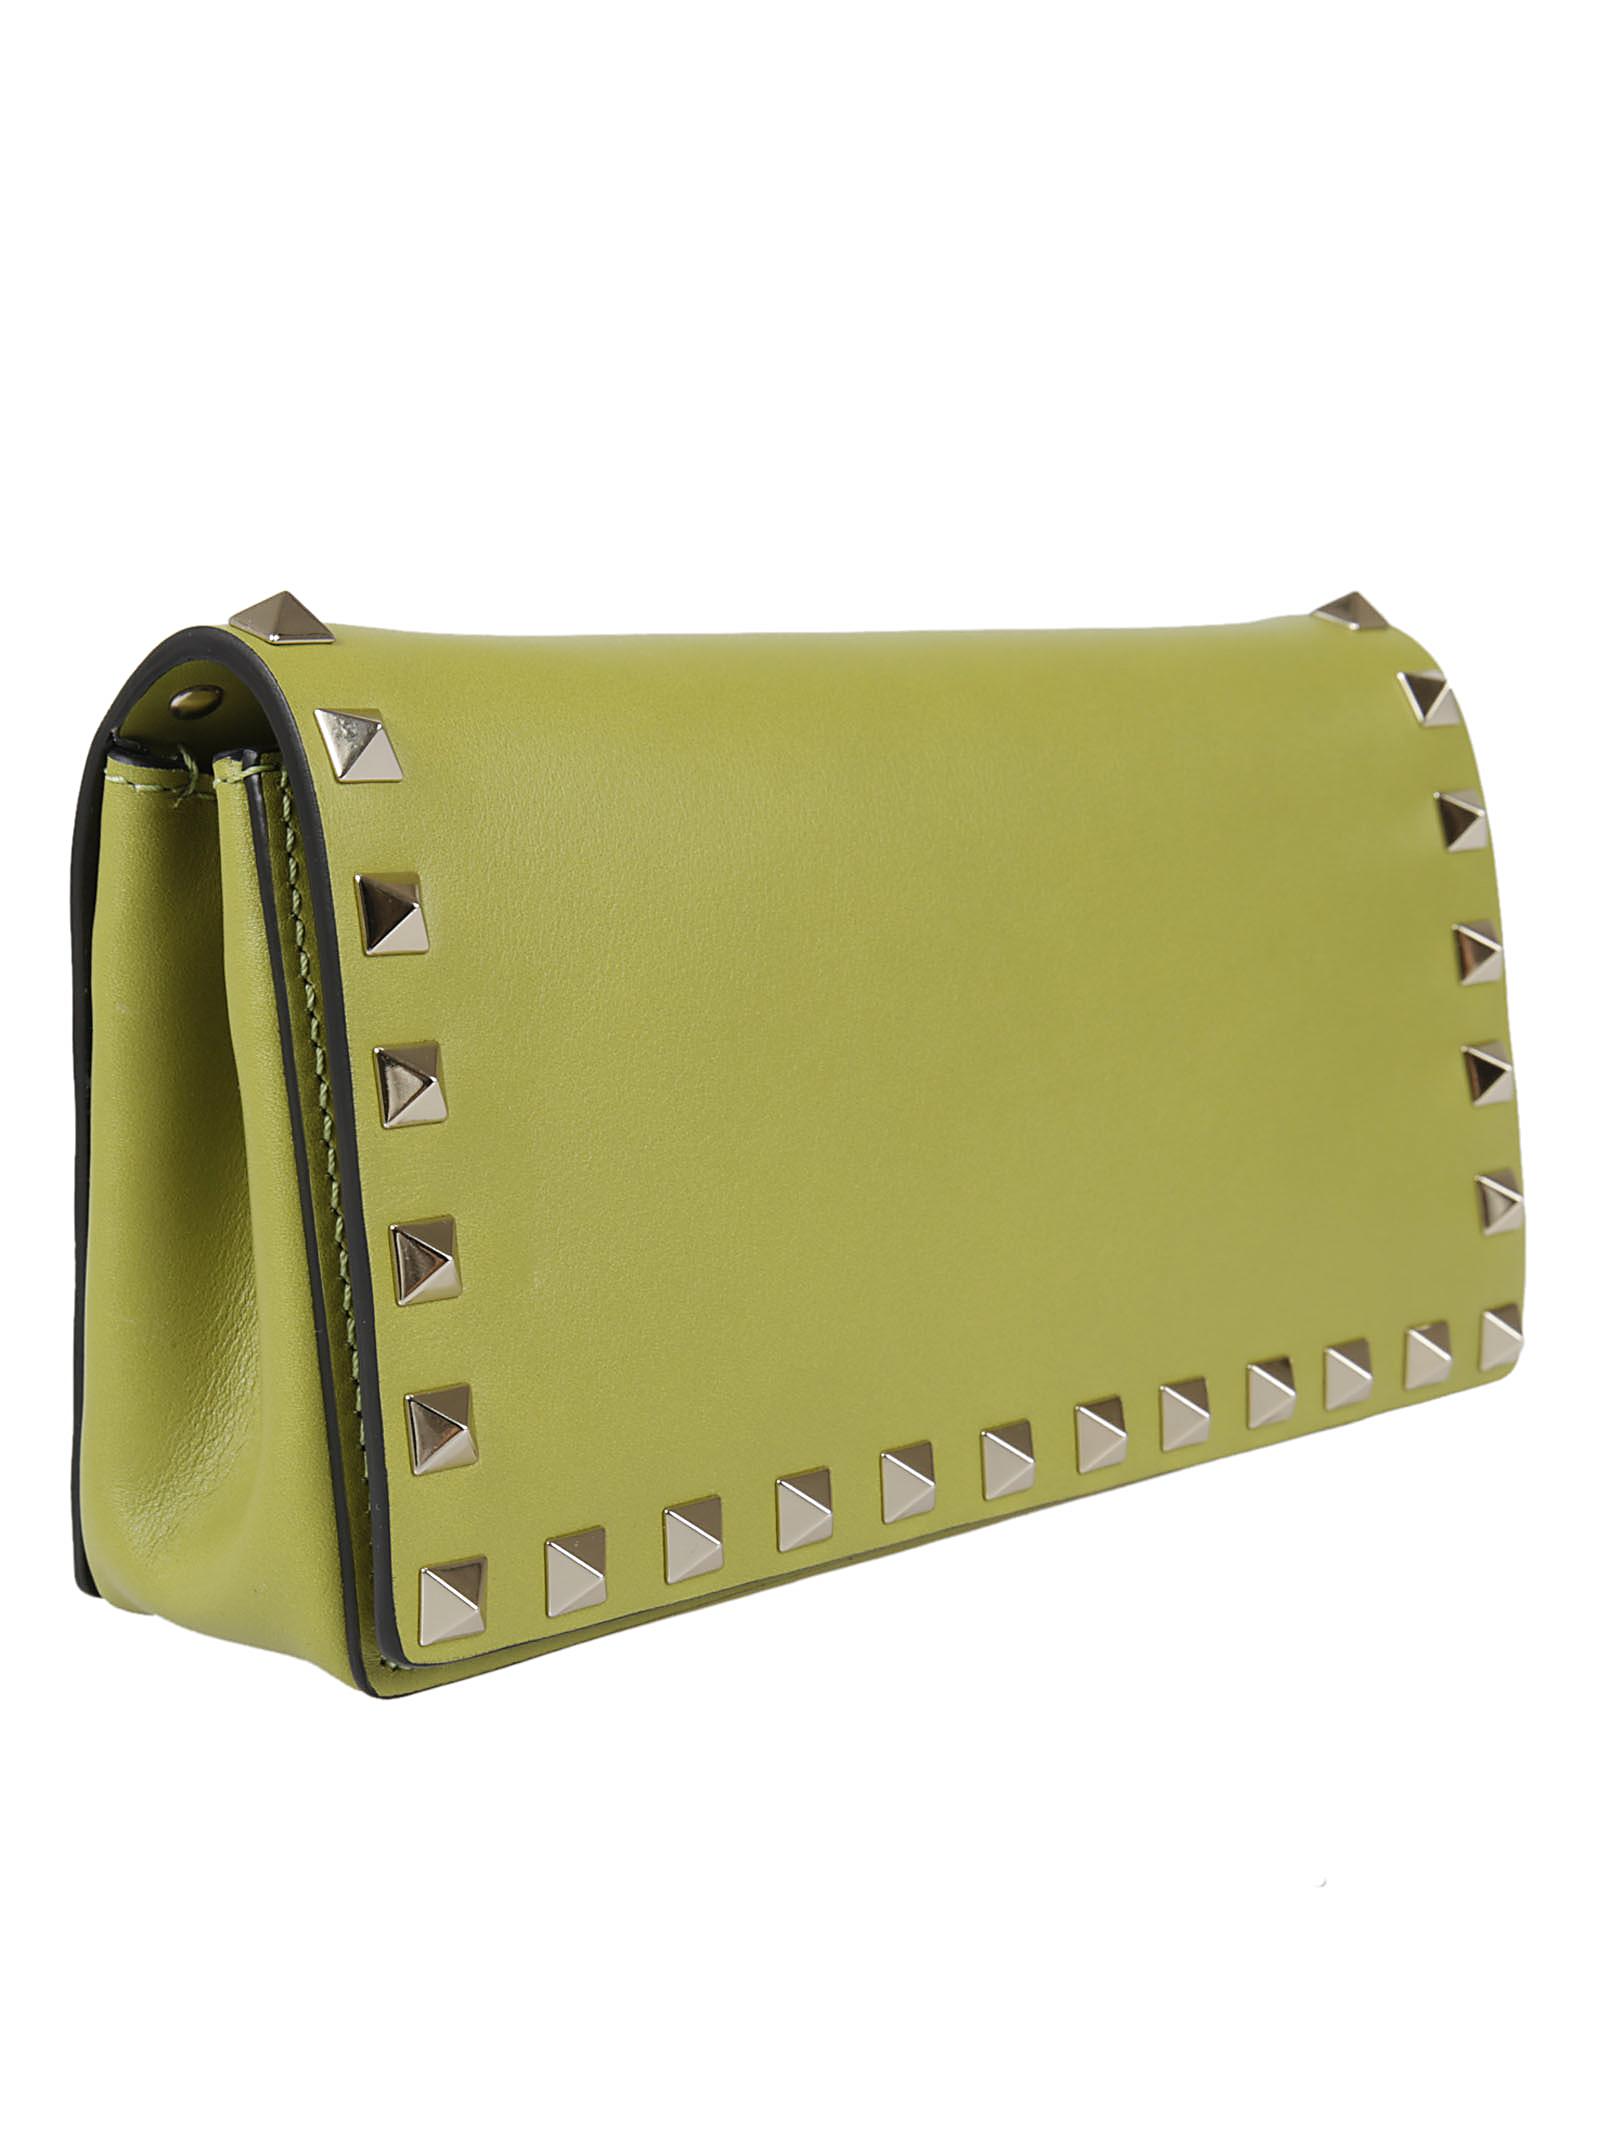 Valentino Garavani Valentino Garavani Studded Shoulder Bag